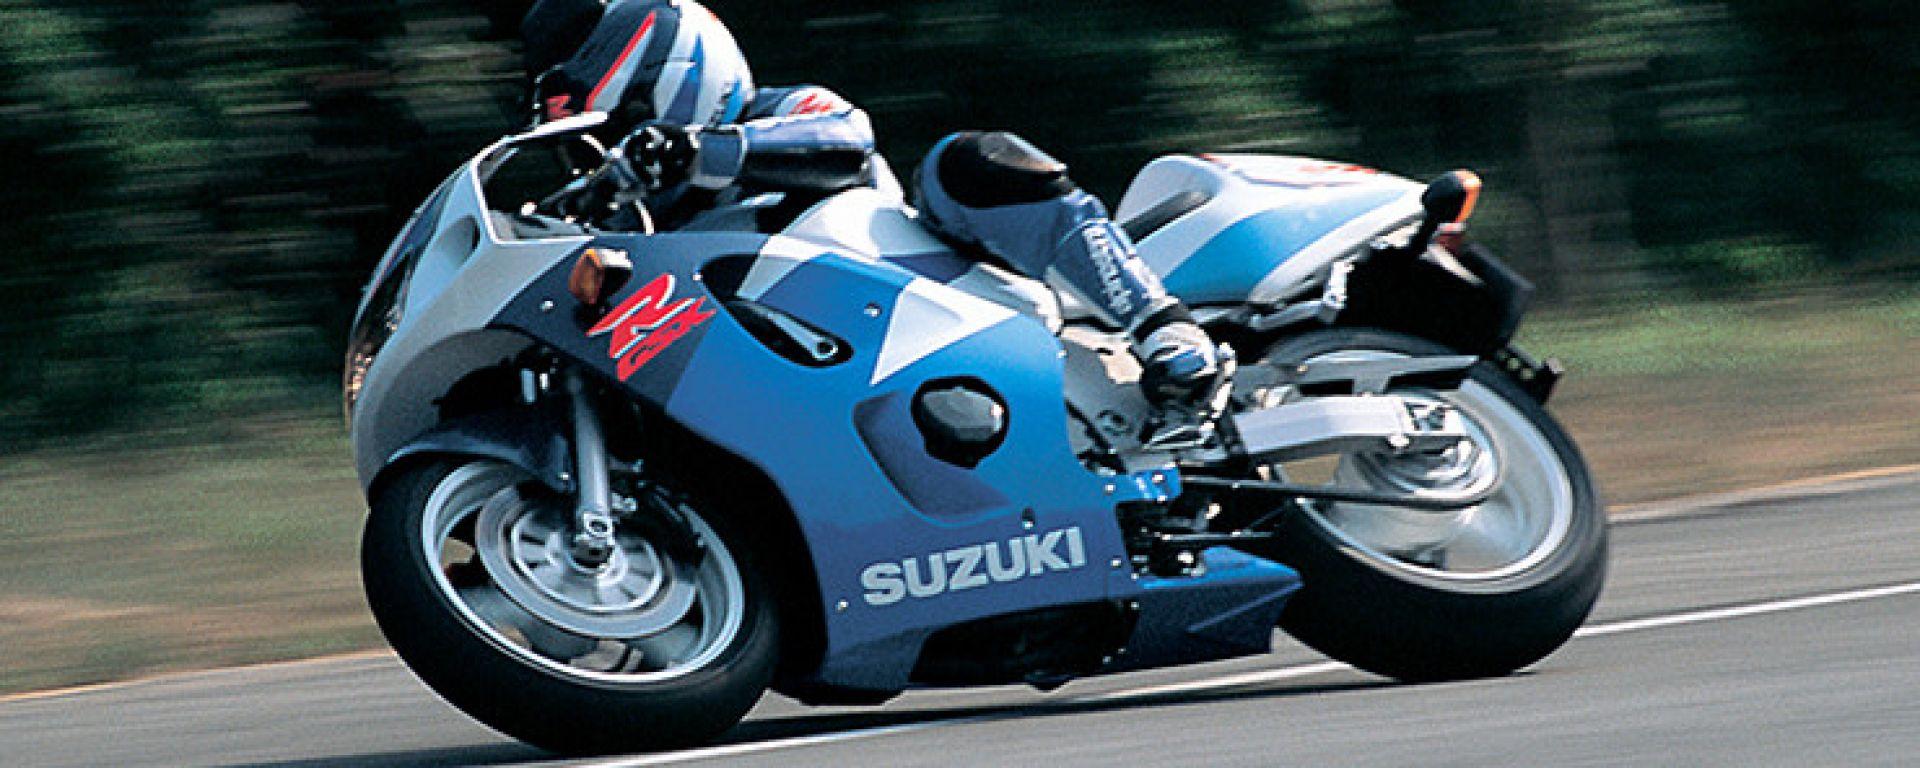 Sportiva al prezzo di uno scooter: Suzuki GSX-R 600 SRAD 1997